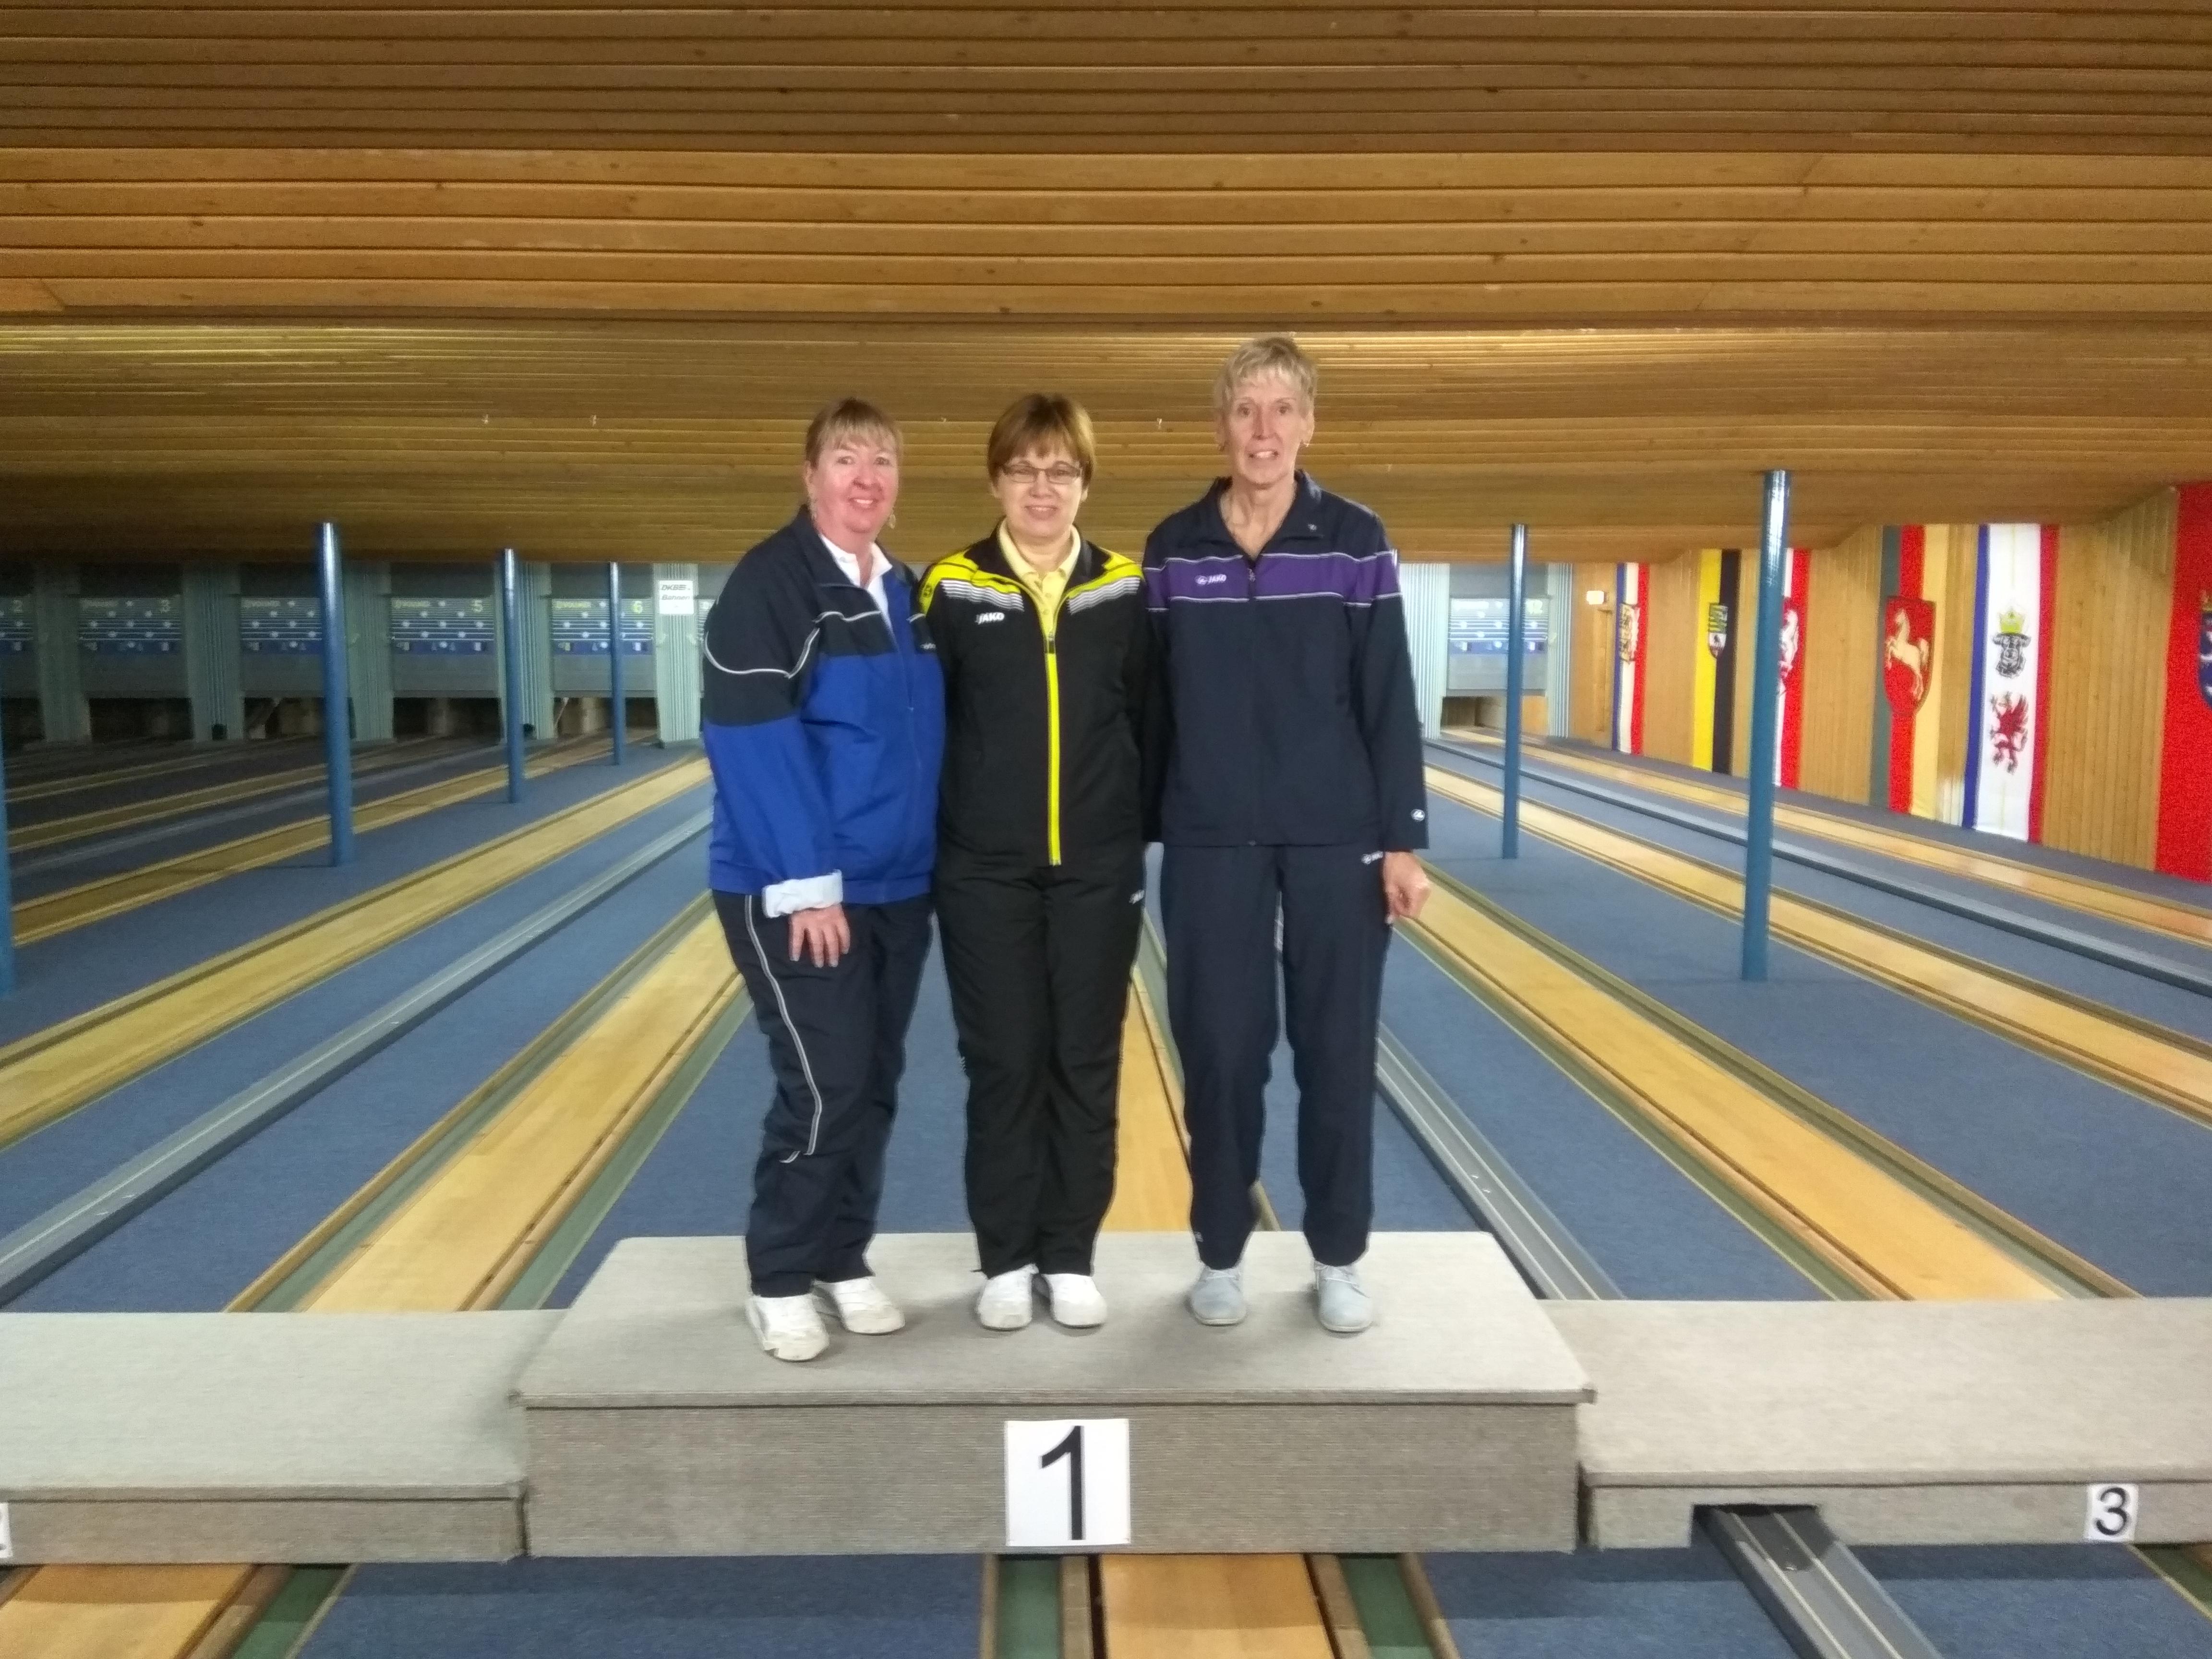 1. Karin Hilgemeier; 2. Andrea Feindt; 3. Birgit Lisser